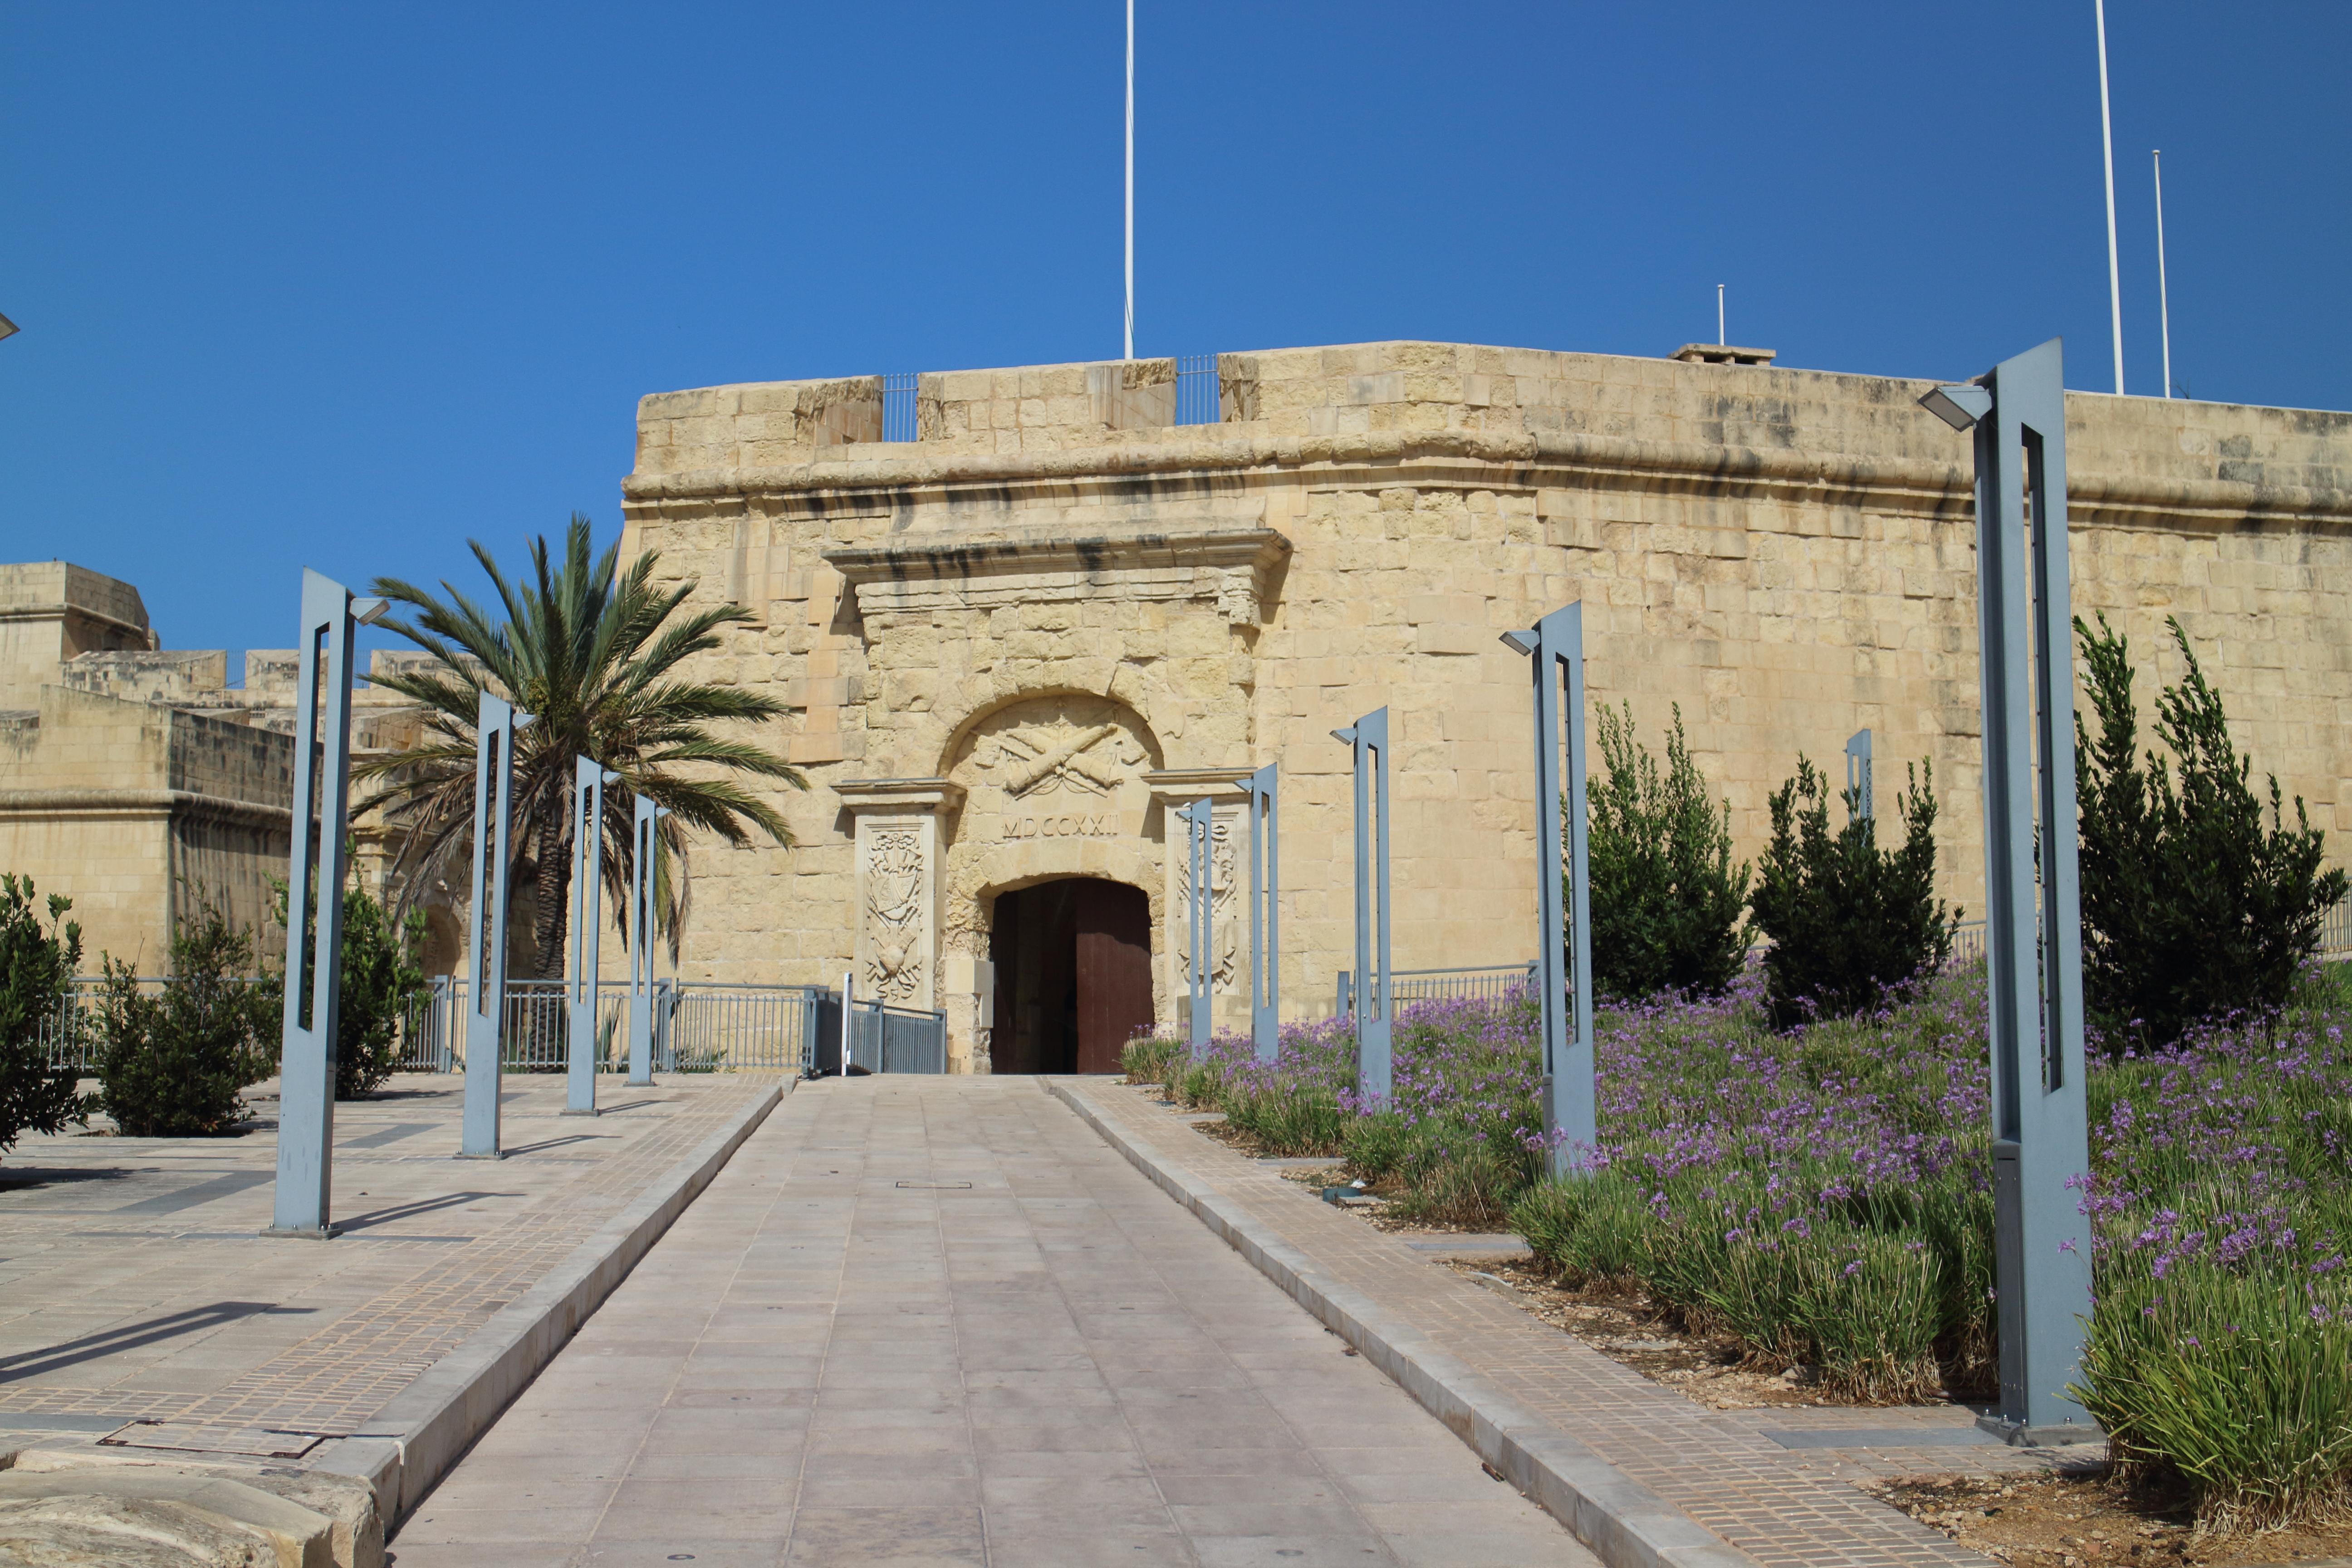 【マルタ】WW2に特化した博物館 Malta at War Museum を訪れました。